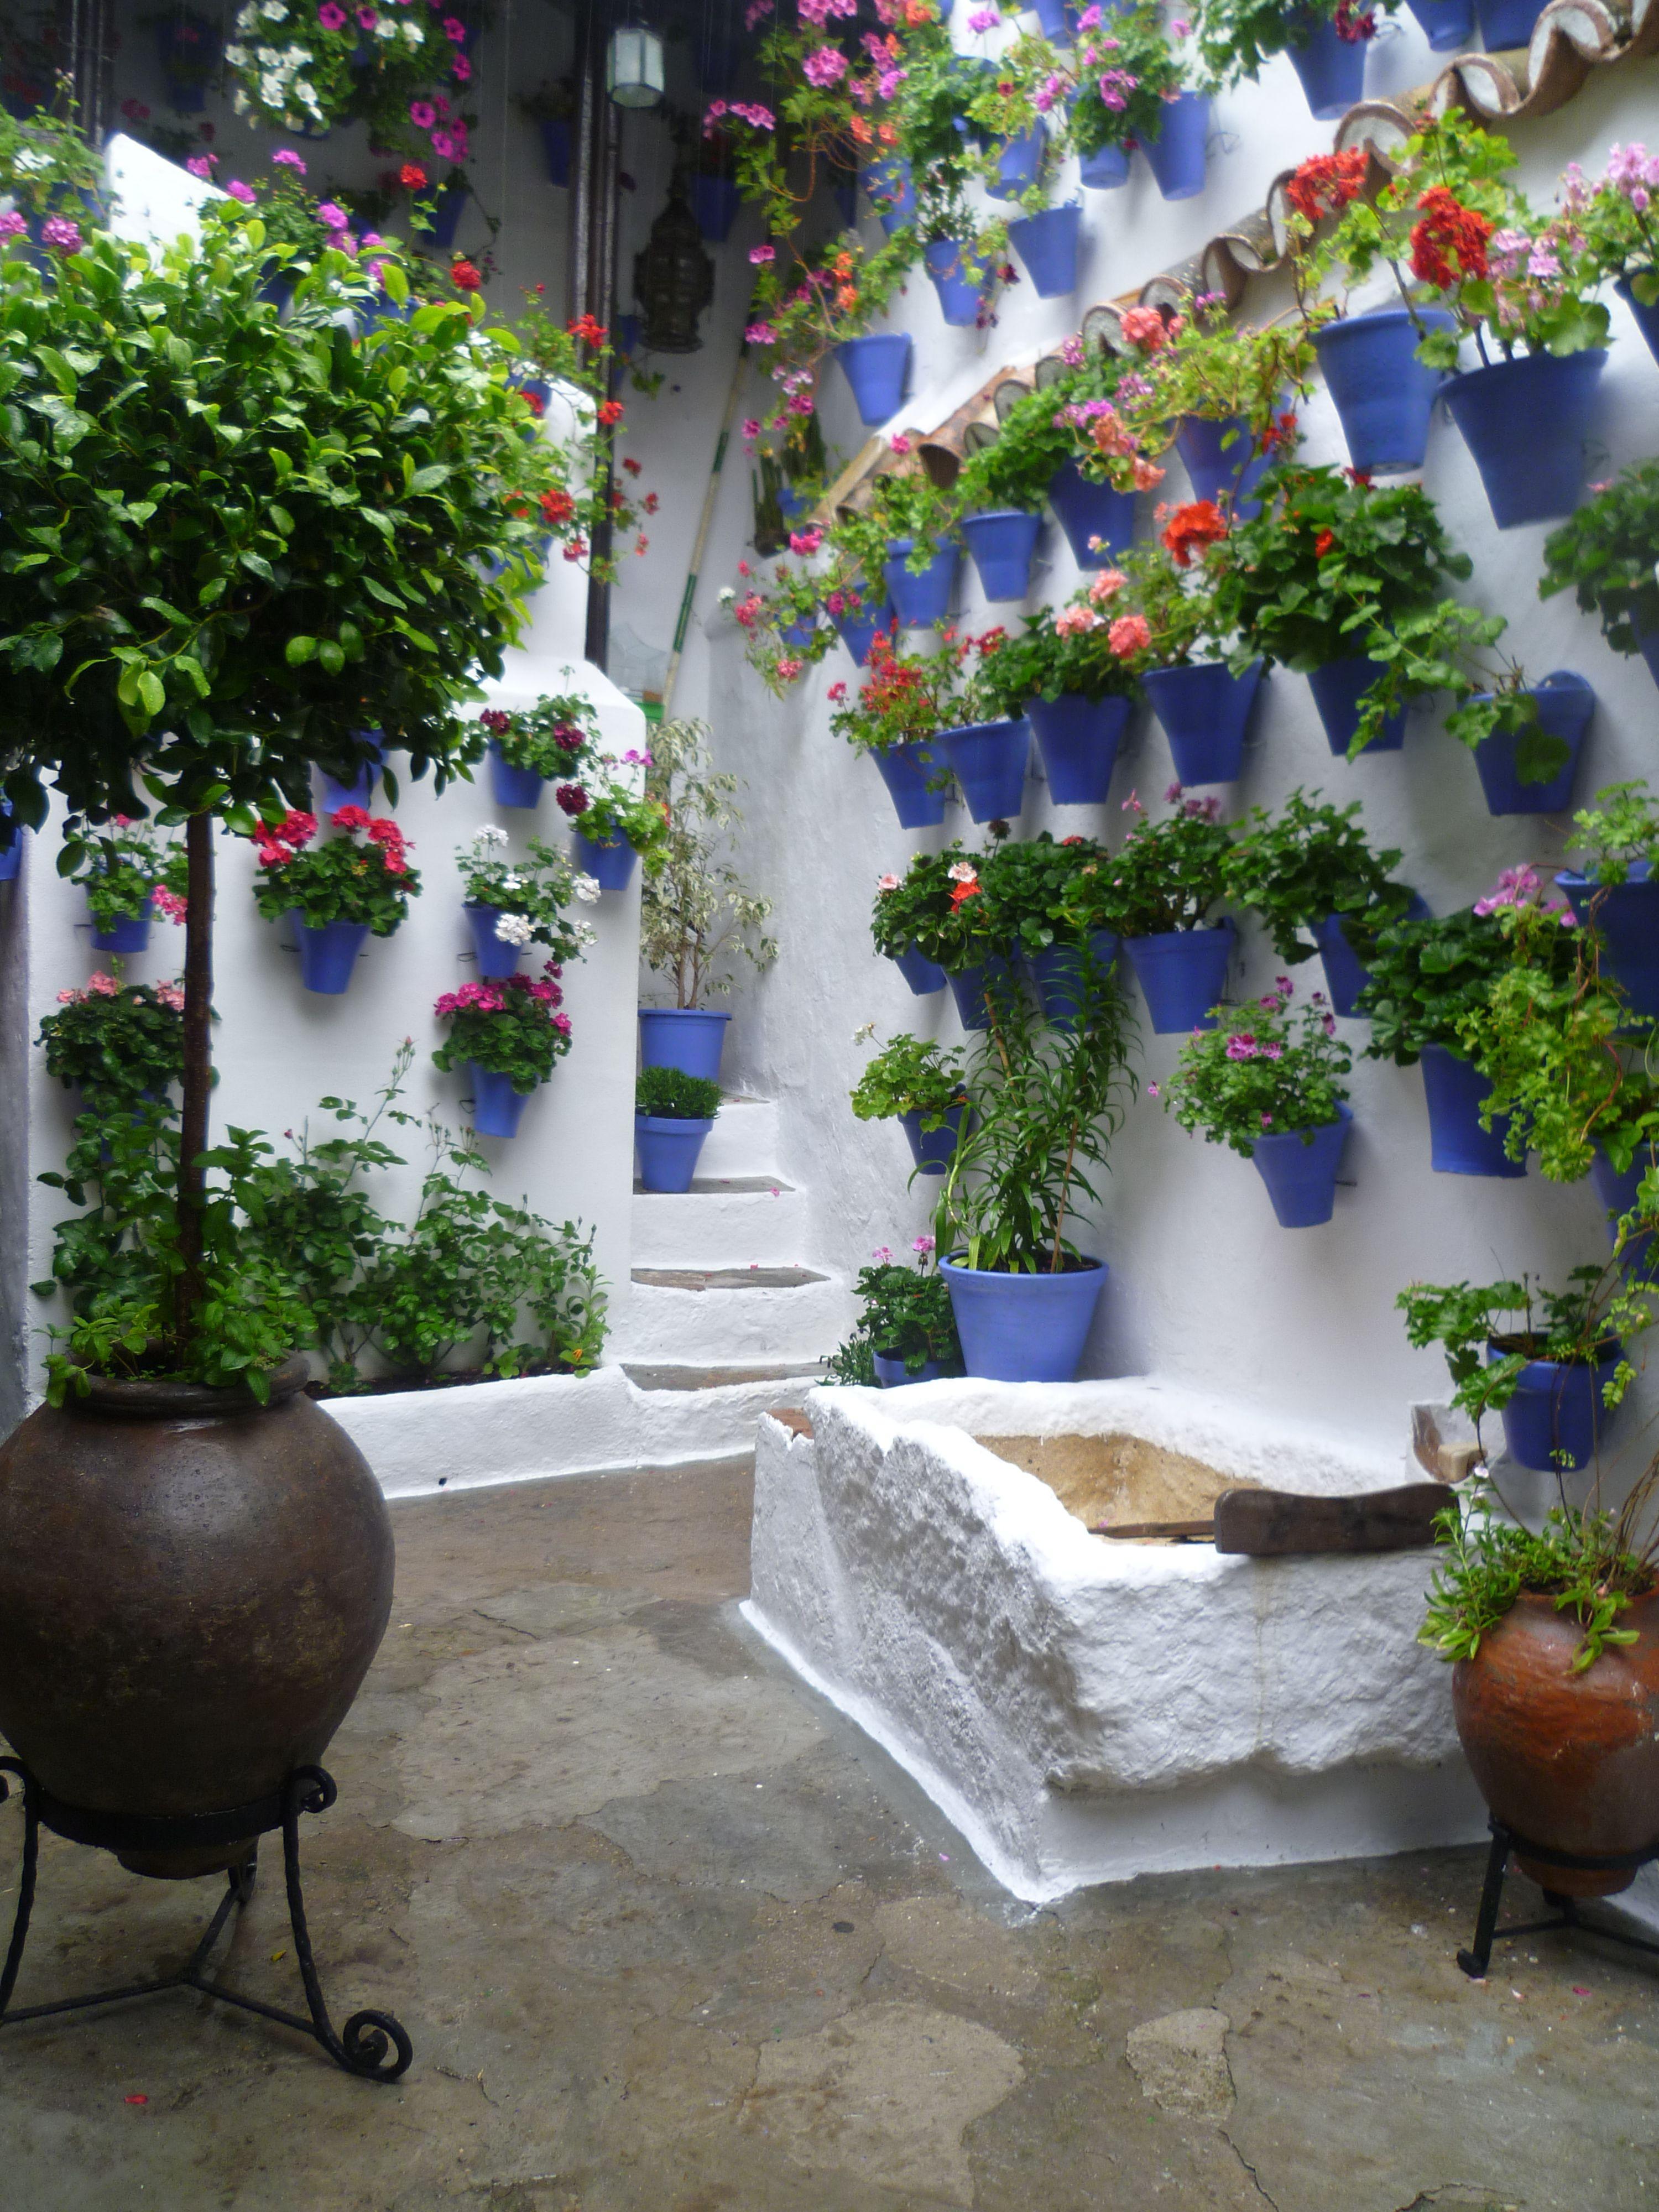 Los patios cordobeses patios andaluces espa a - Fuentes de patio ...